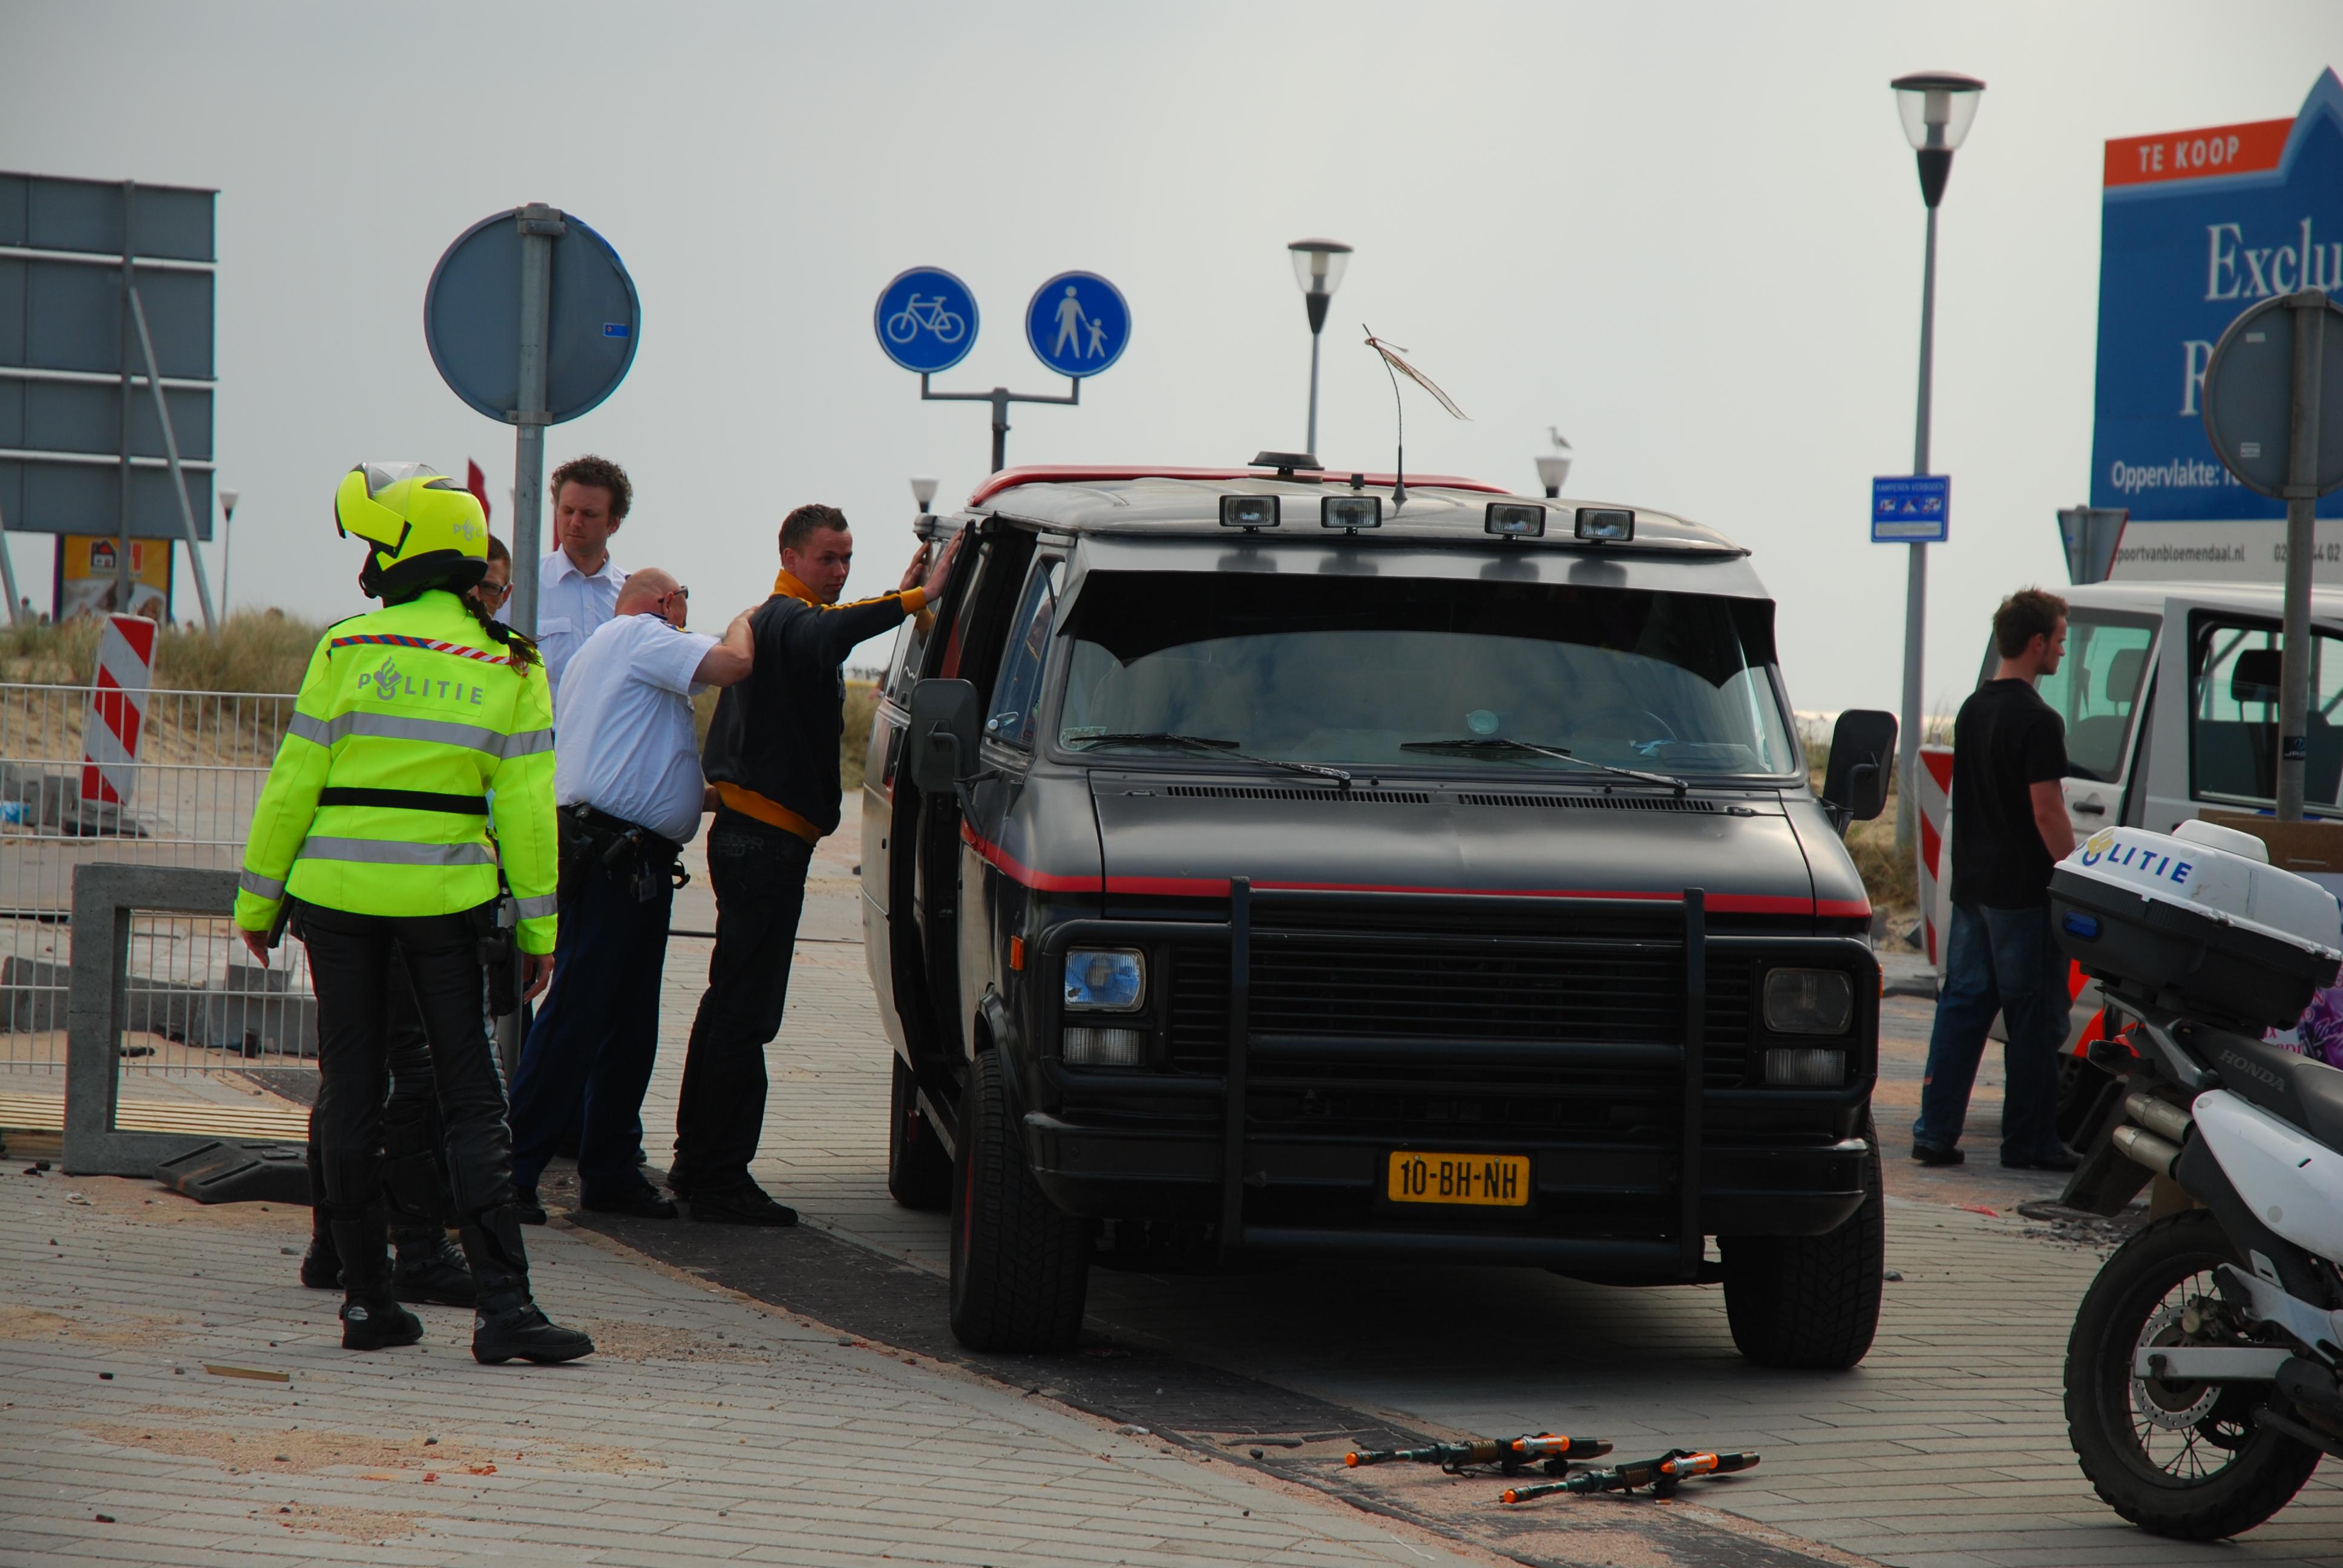 Geenstijl fotoos arrestatie a team te zandvoort for Auto interieur den haag